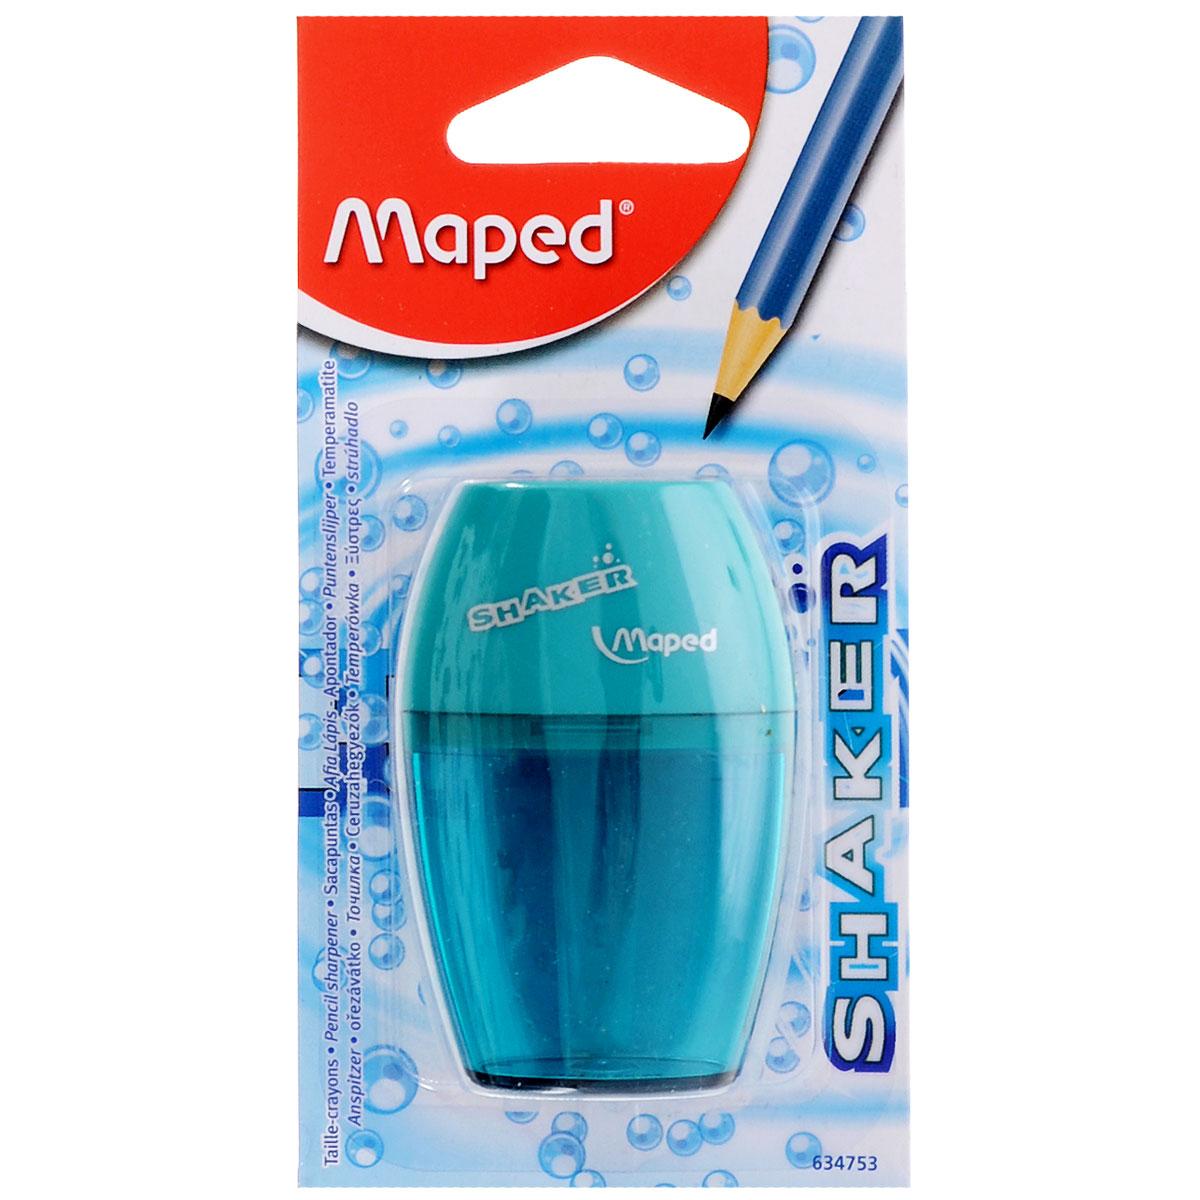 Maped Точилка Шейкер с контейнером цвет бирюзовый